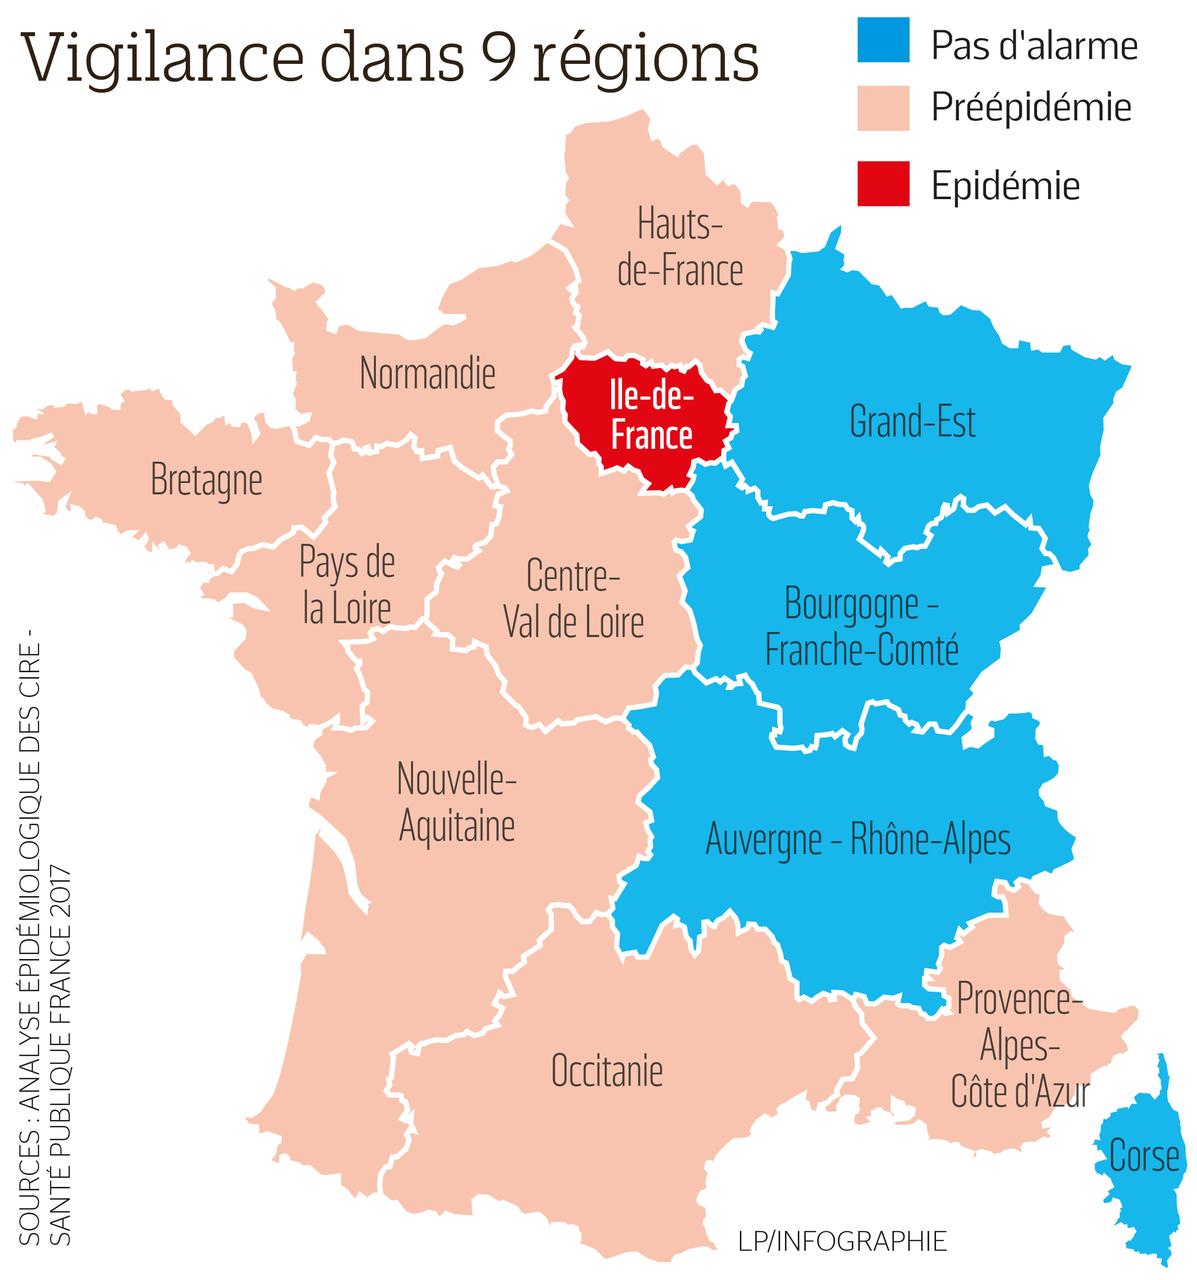 Grippe : cinq idées reçues à fuir pour éviter l'épidémie - Le Parisien